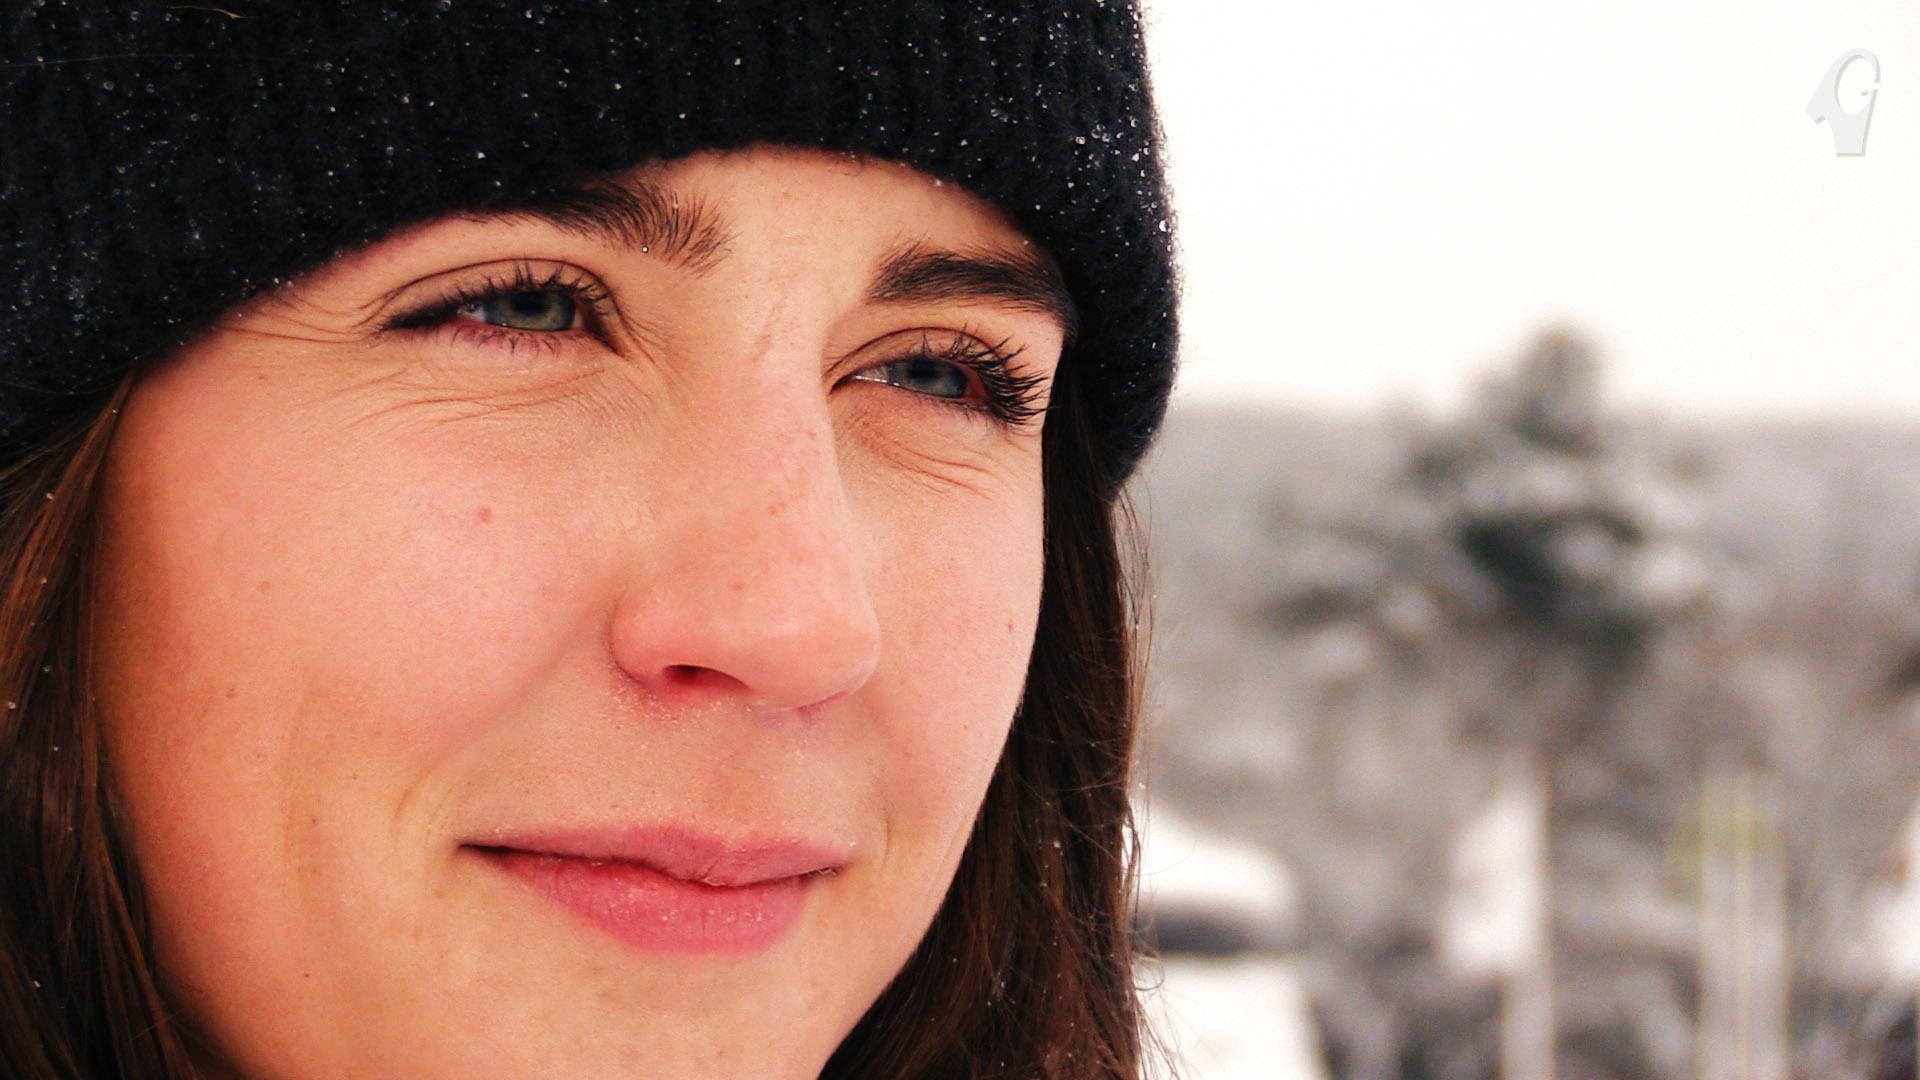 Närbild på en tjej med mössa med oskarp bakgrund